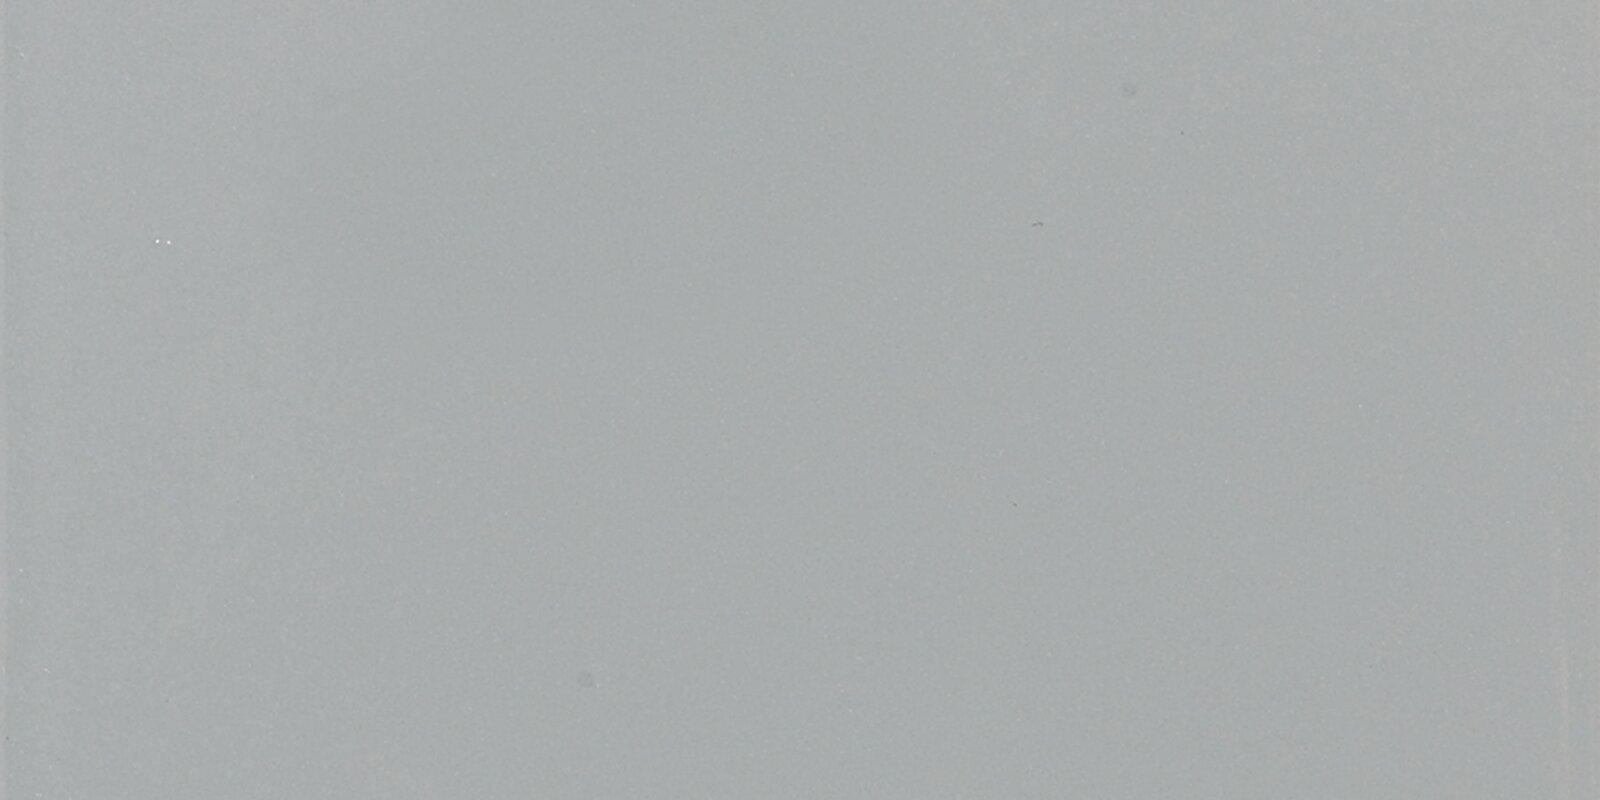 Daltile rittenhouse square 3 x 6 ceramic field tile in gray rittenhouse square 3 x 6 ceramic field tile doublecrazyfo Image collections